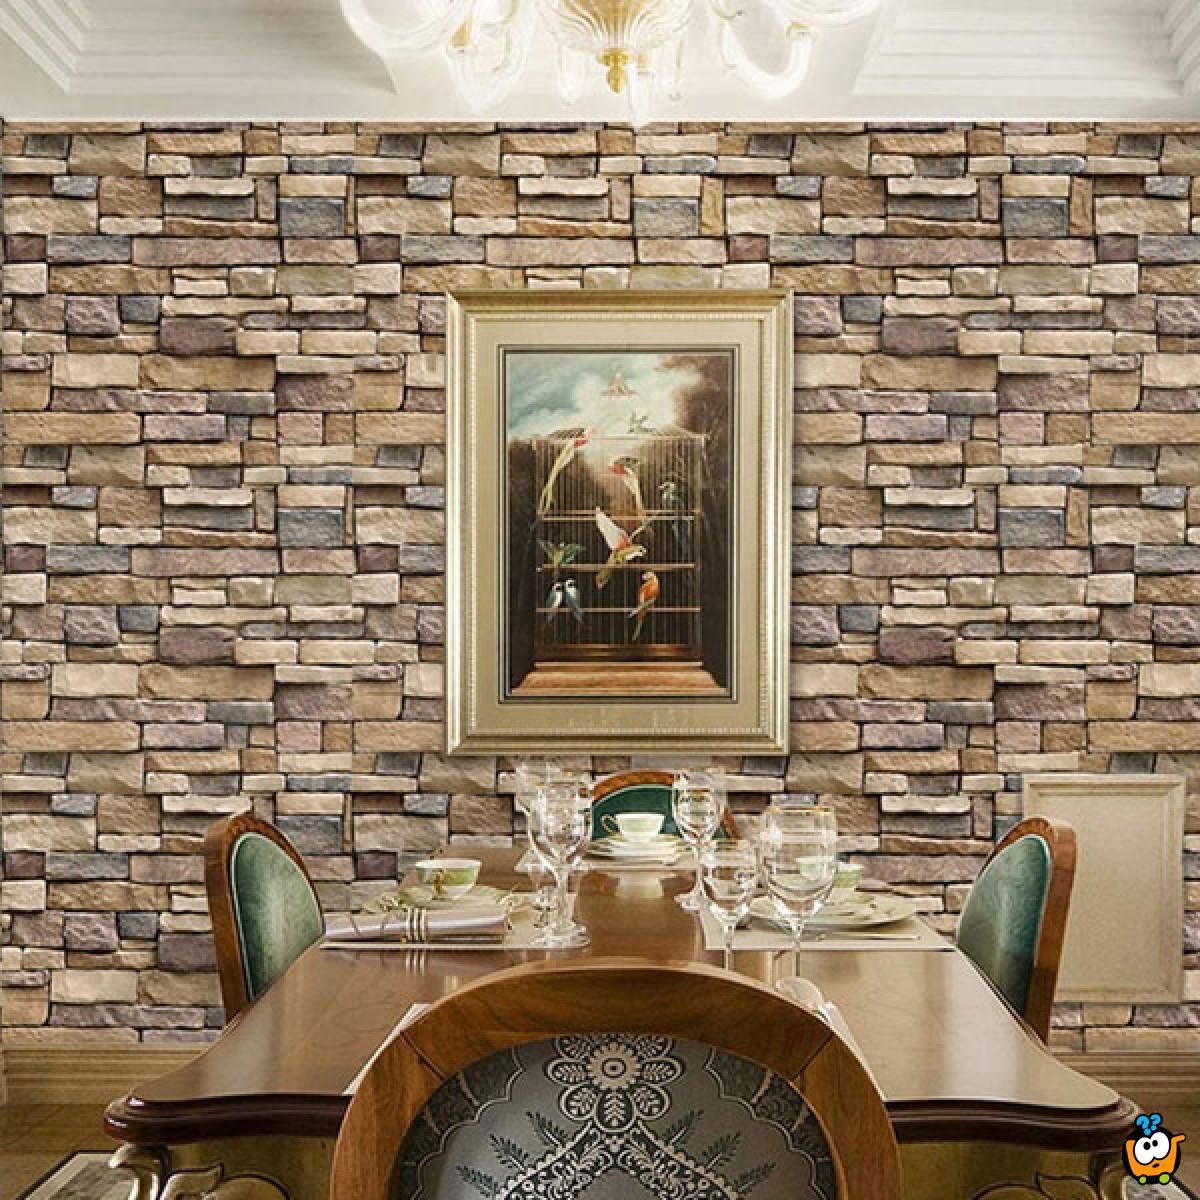 3D Wall sticker - Dekorativni stikeri za zid 33x33cm